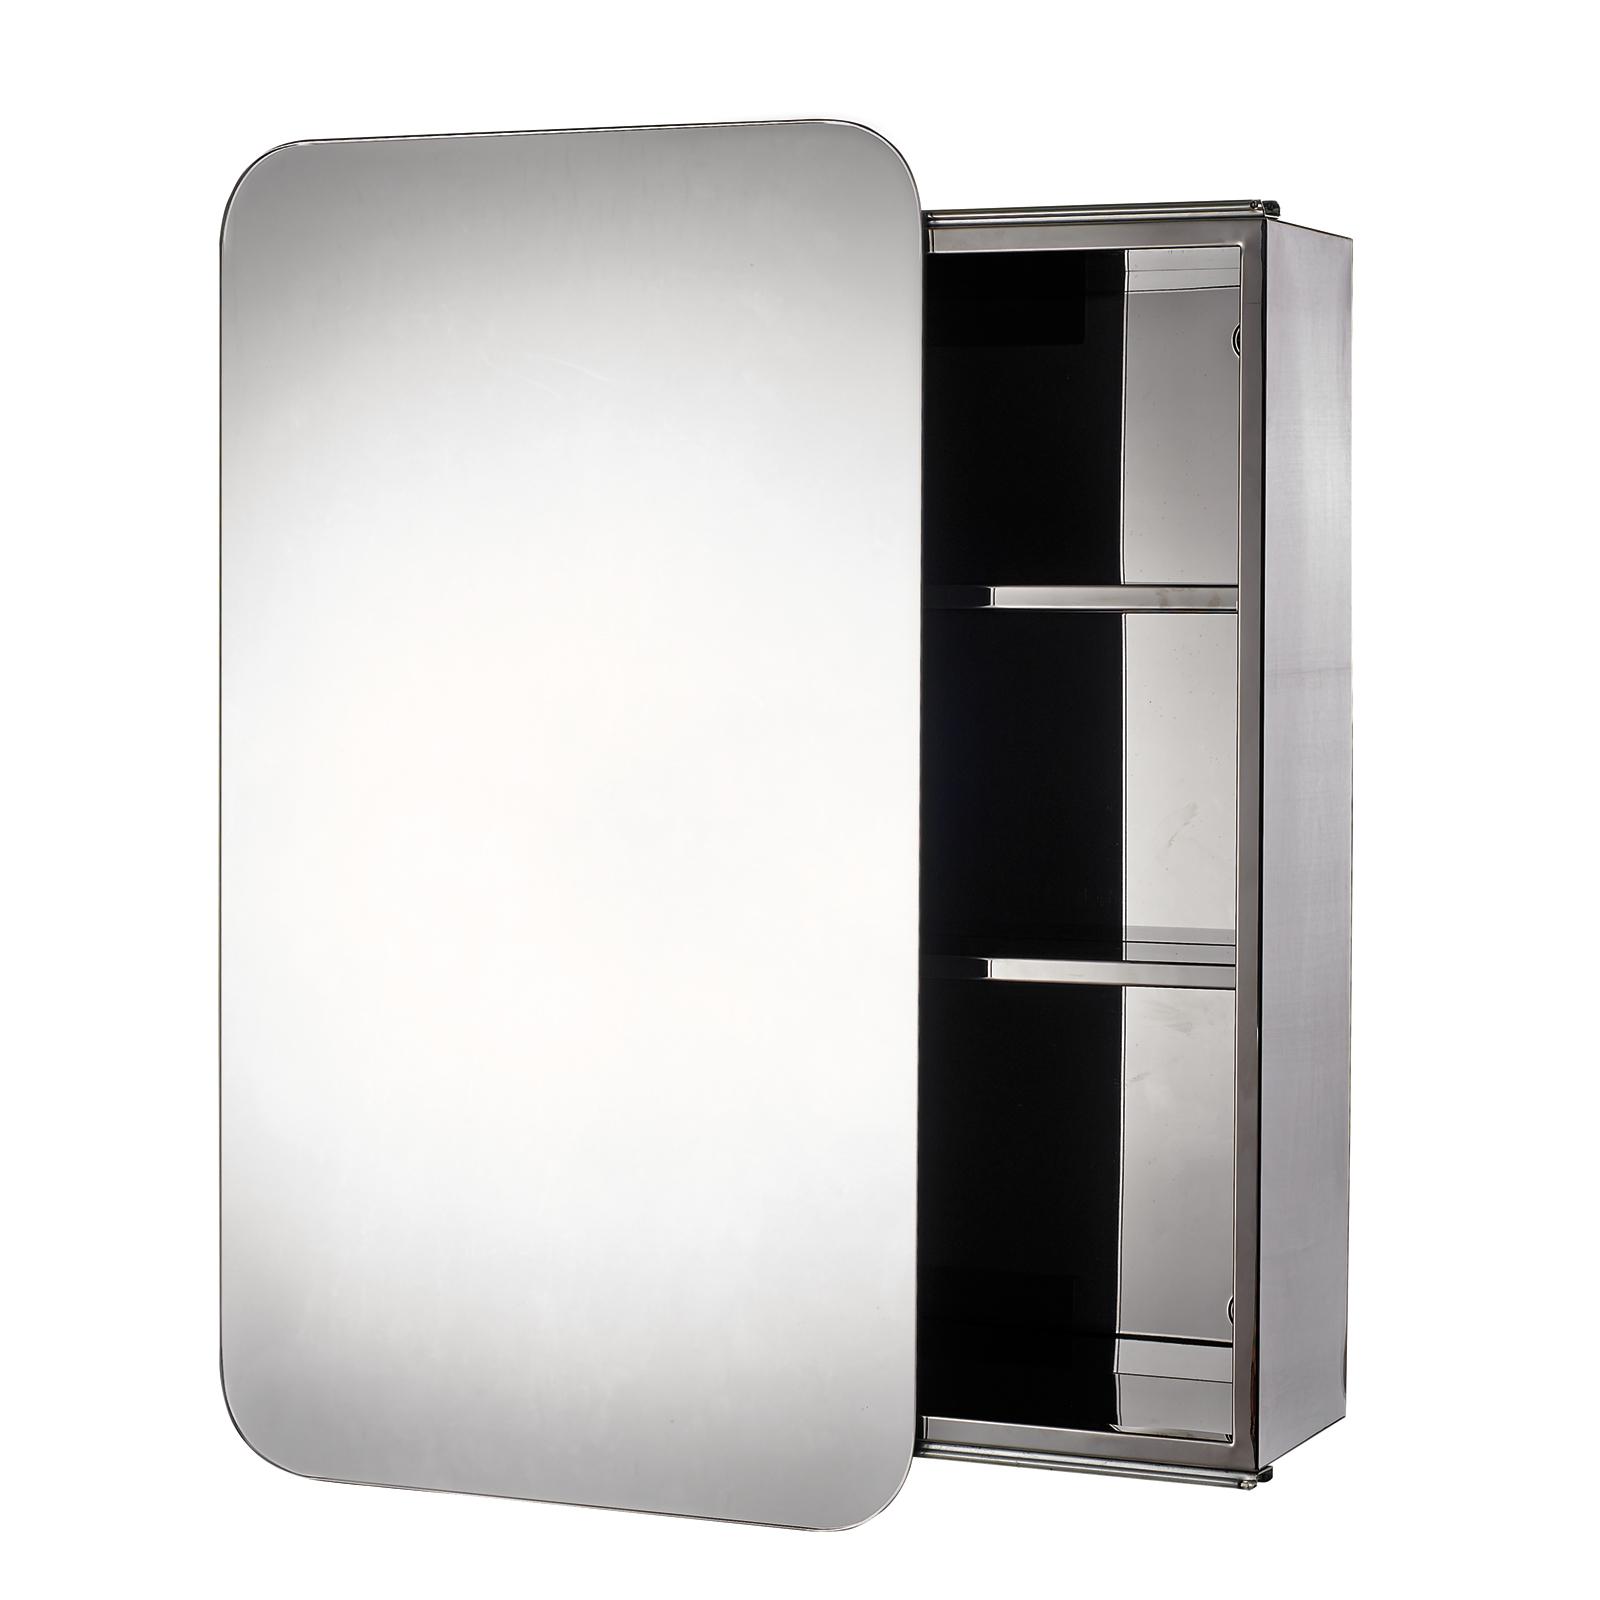 Buy Stainless Steel Quot Sanremo Quot Sliding Door Bathroom Mirror